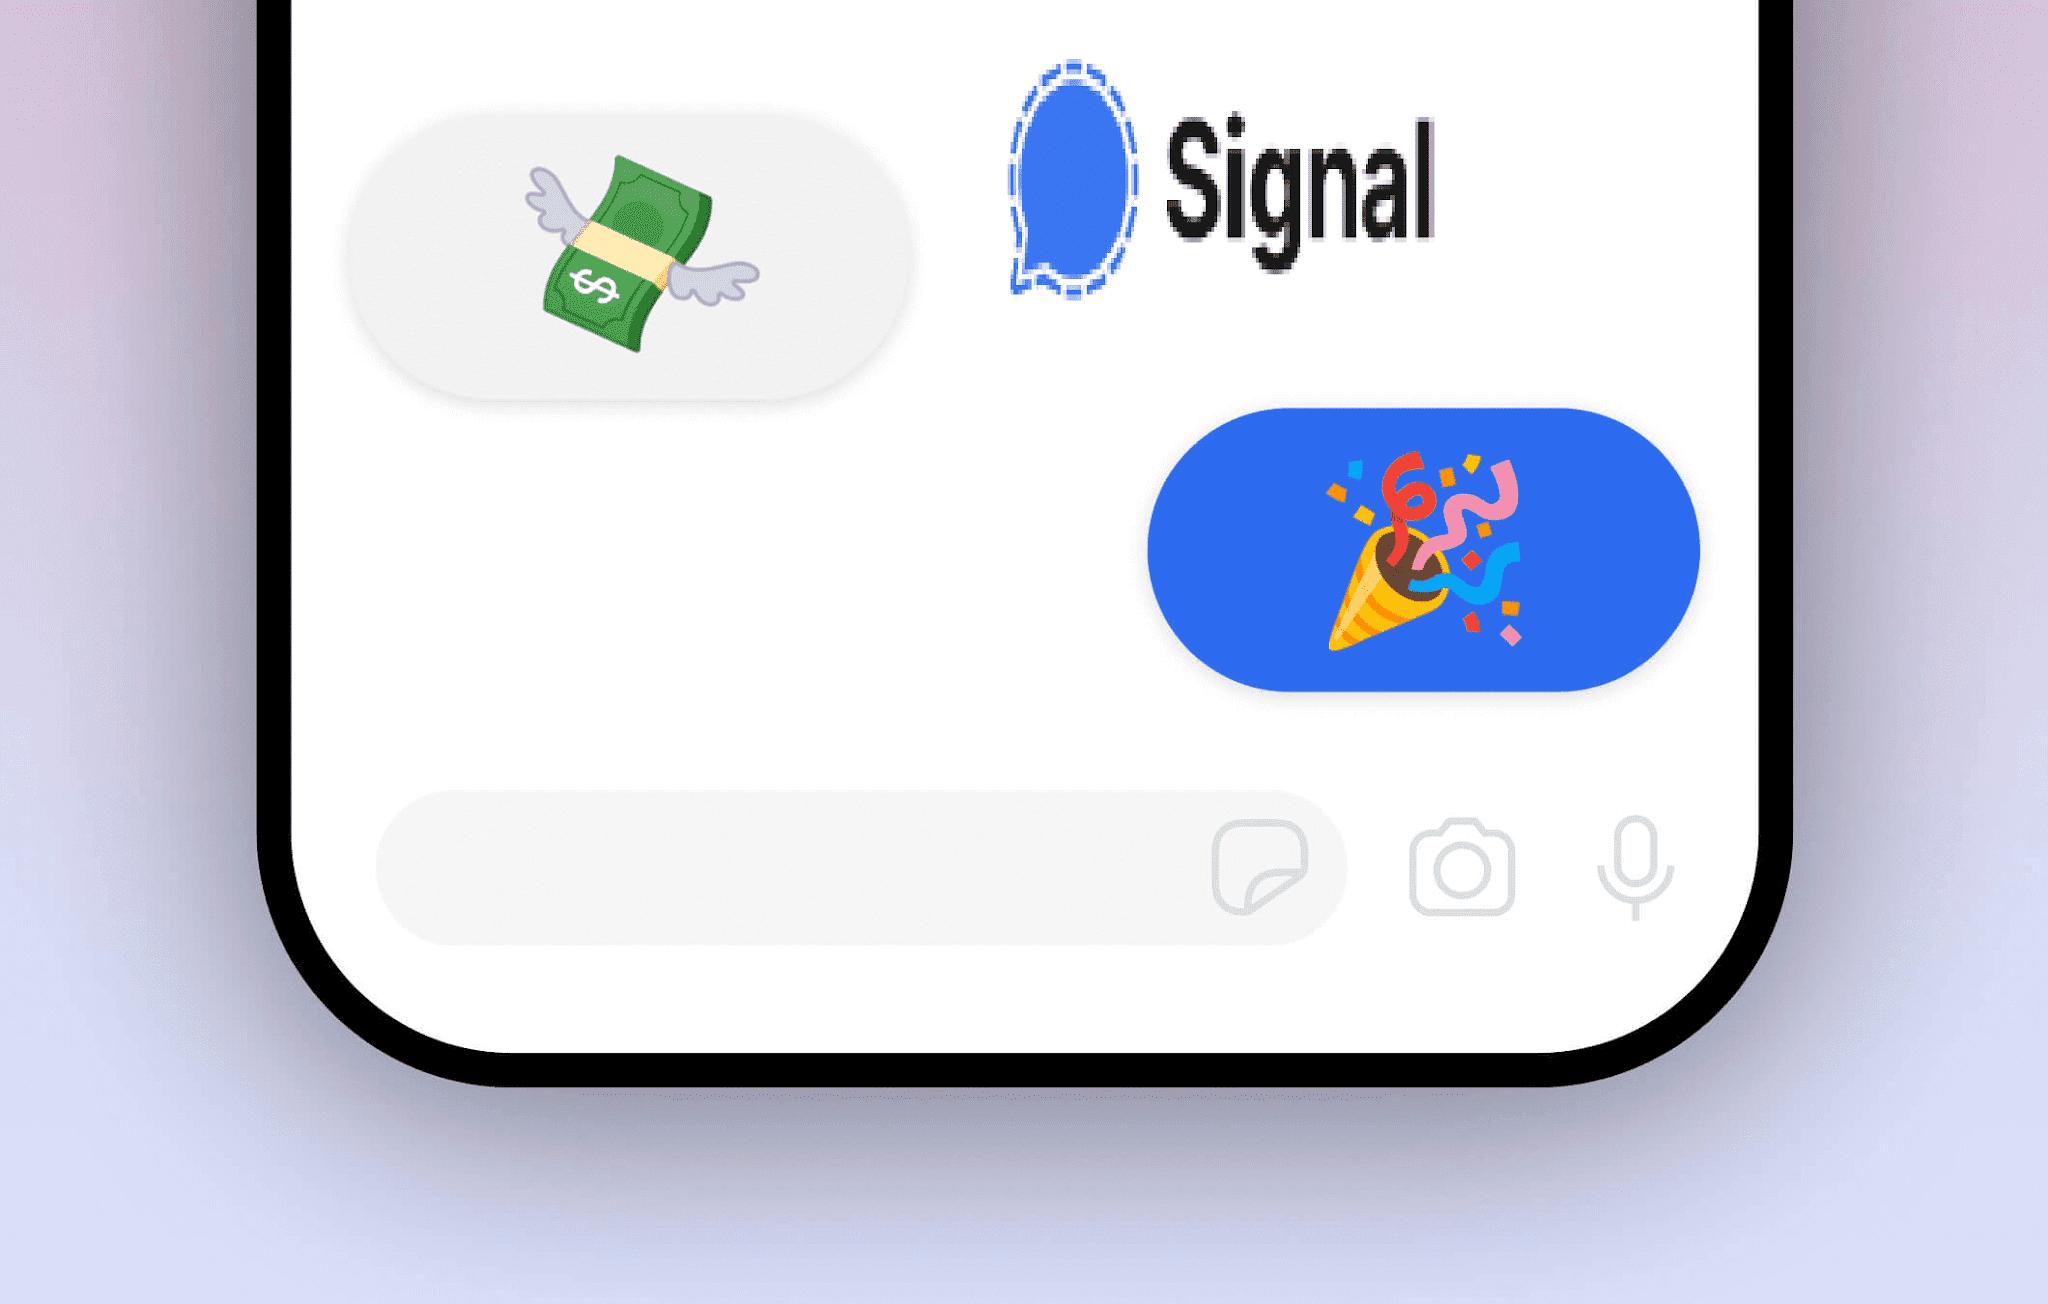 تطبيق Signal يختبر ميزة جديدة تتيح لك إرسال العملات المشفرة